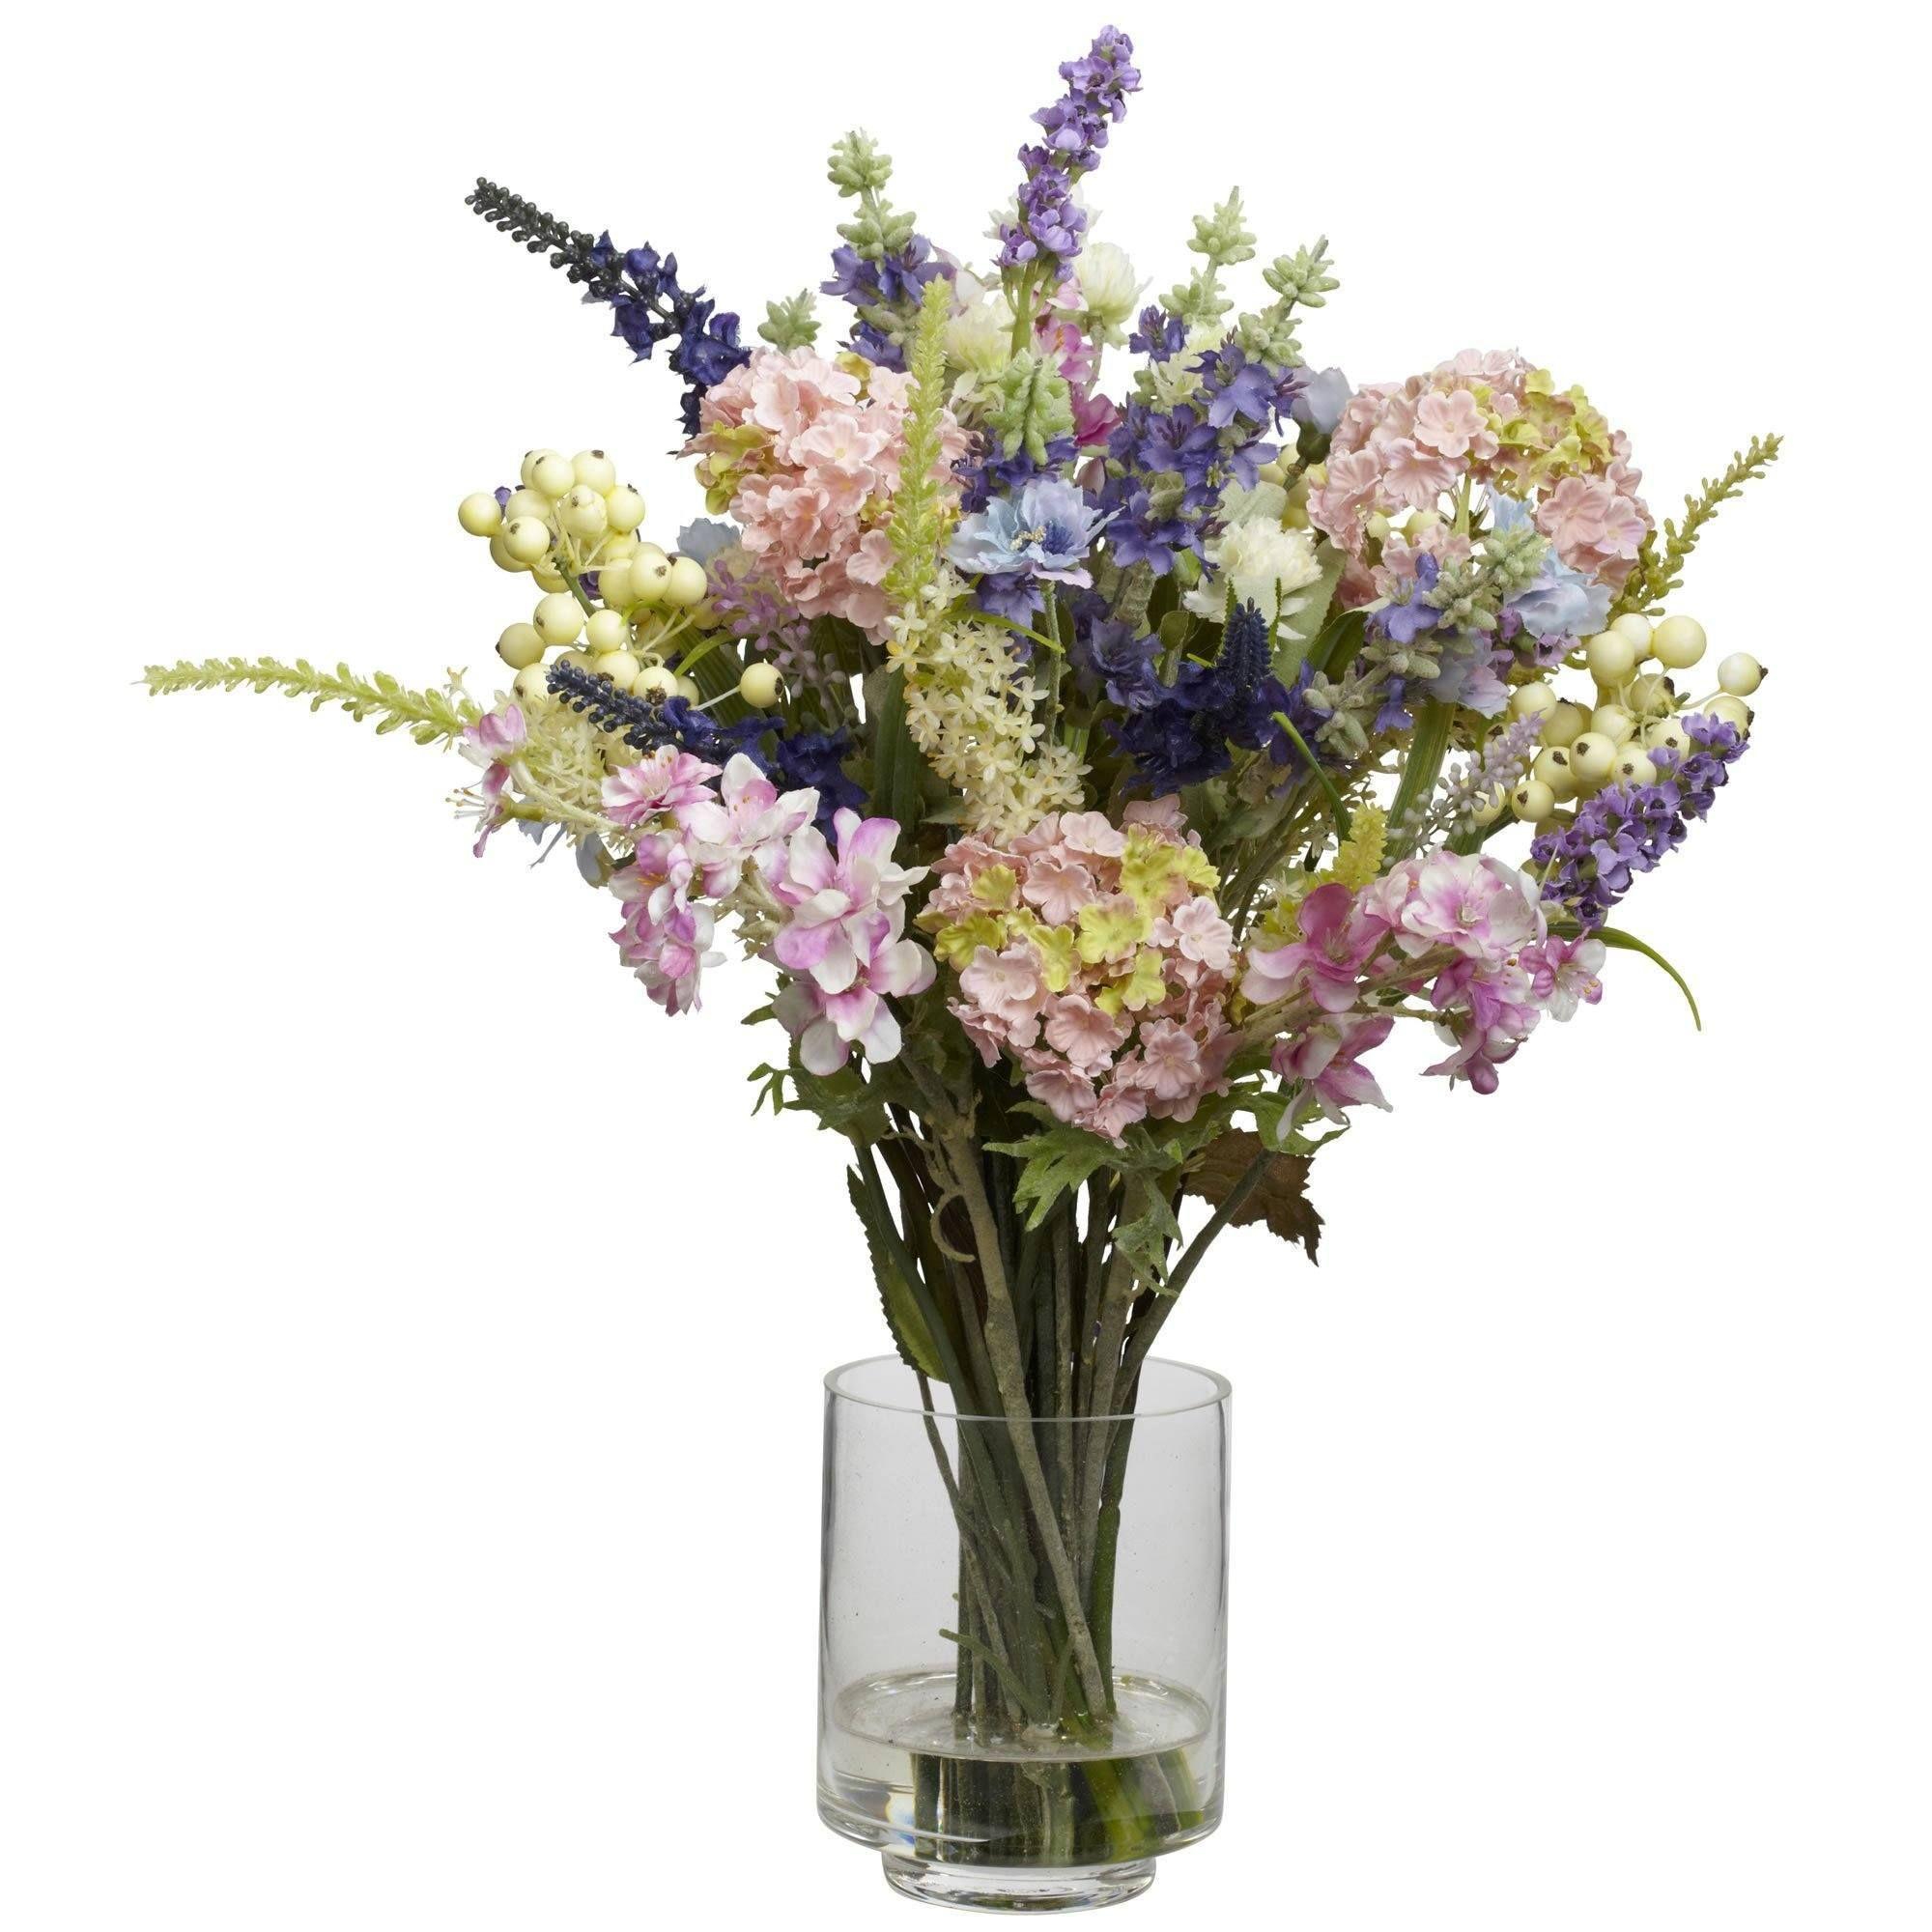 Lavender Hydrangea Silk Flower Arrangement In 2020 Hydrangea Flower Arrangements Hydrangea Arrangements Artificial Flower Arrangements